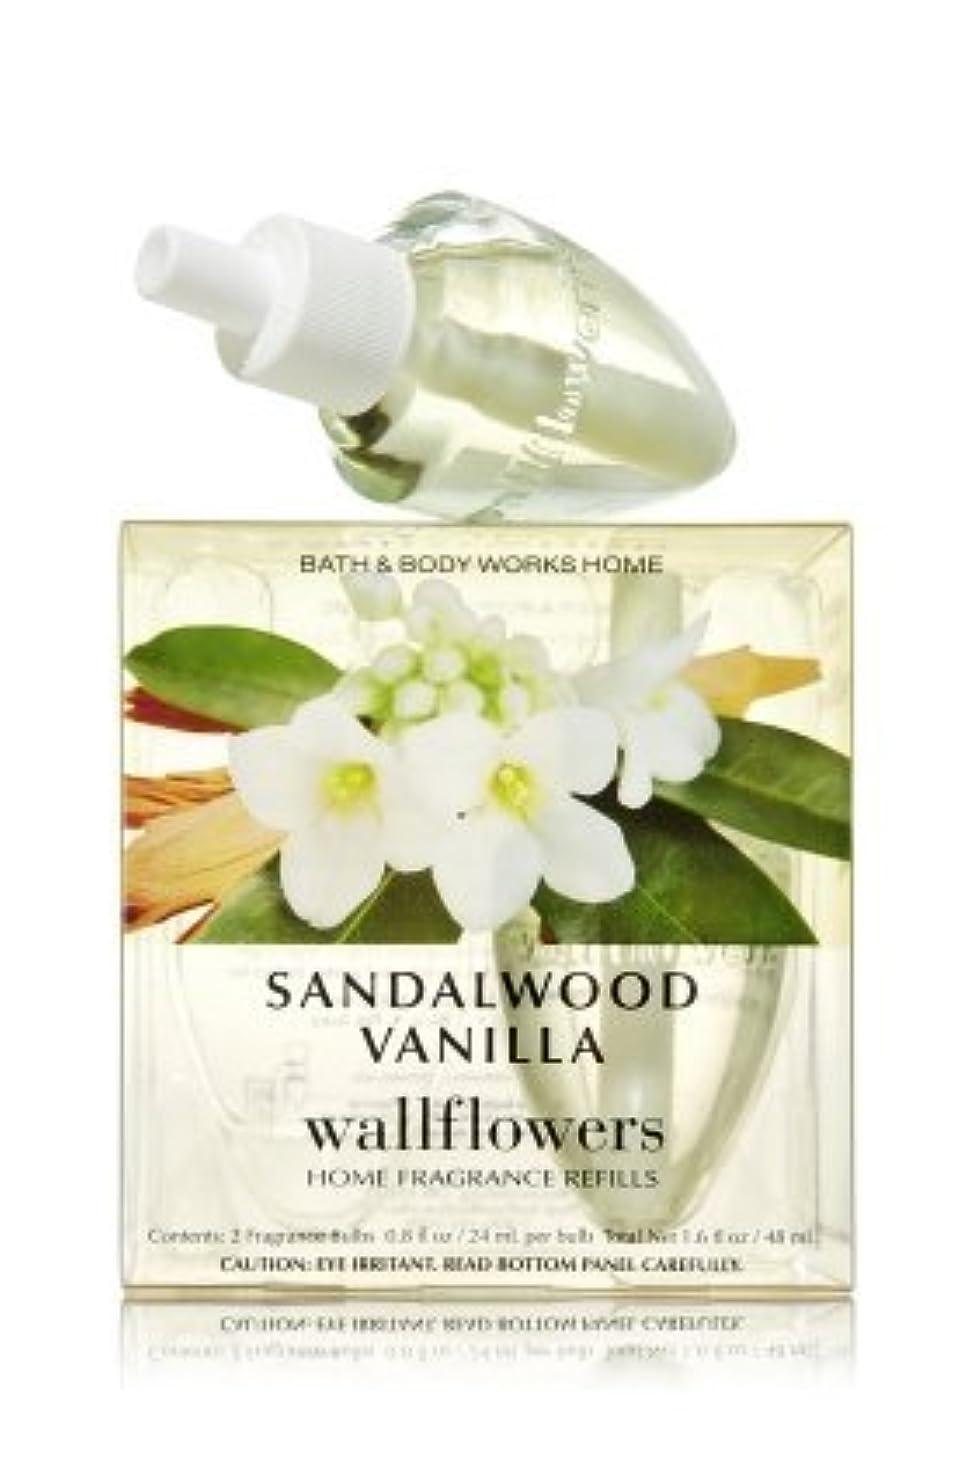 幻滅する上陸実際に【Bath&Body Works/バス&ボディワークス】 ルームフレグランス 詰替えリフィル(2個入り) サンダルウッドバニラ Wallflowers Home Fragrance 2-Pack Refills Sandalwood Vanilla [並行輸入品]